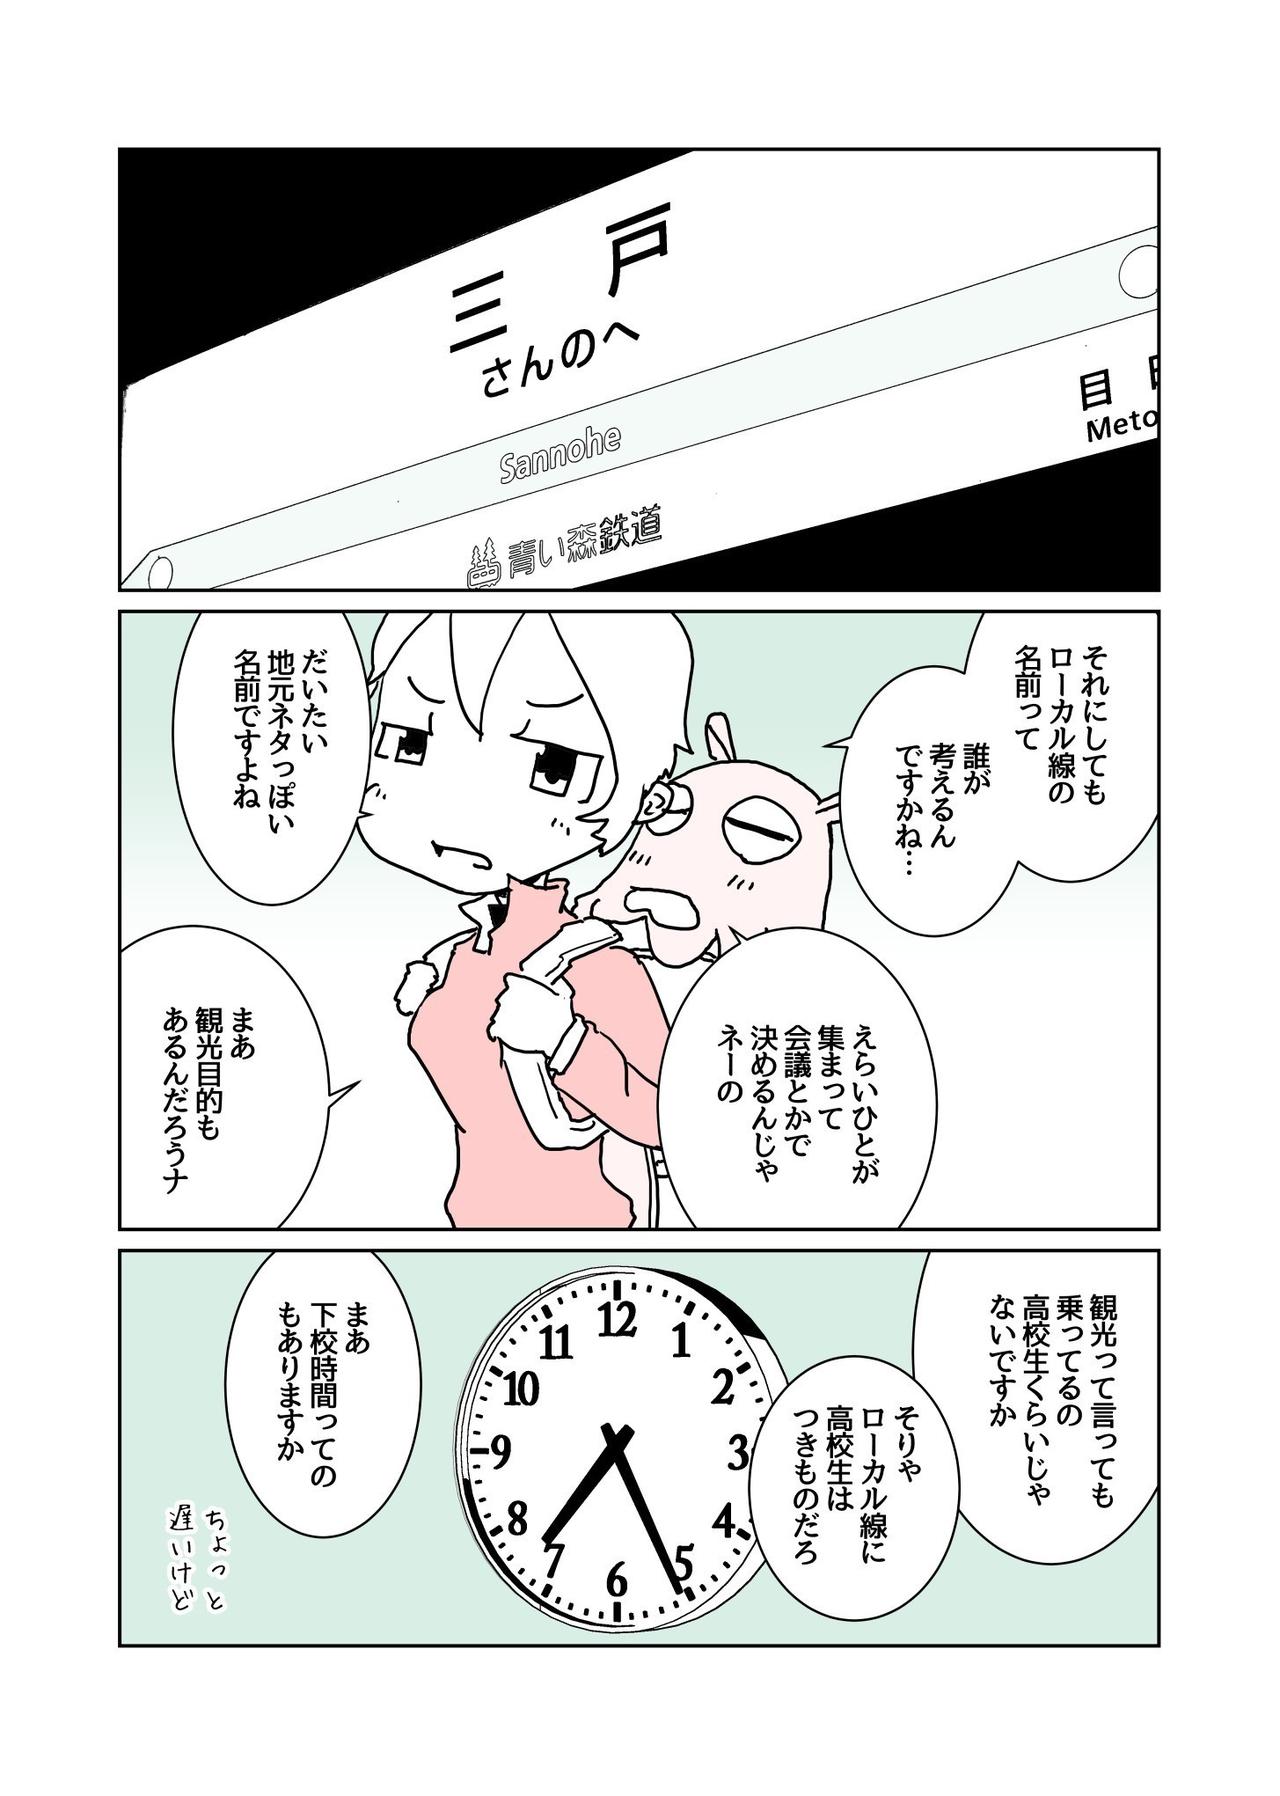 メン旅_003